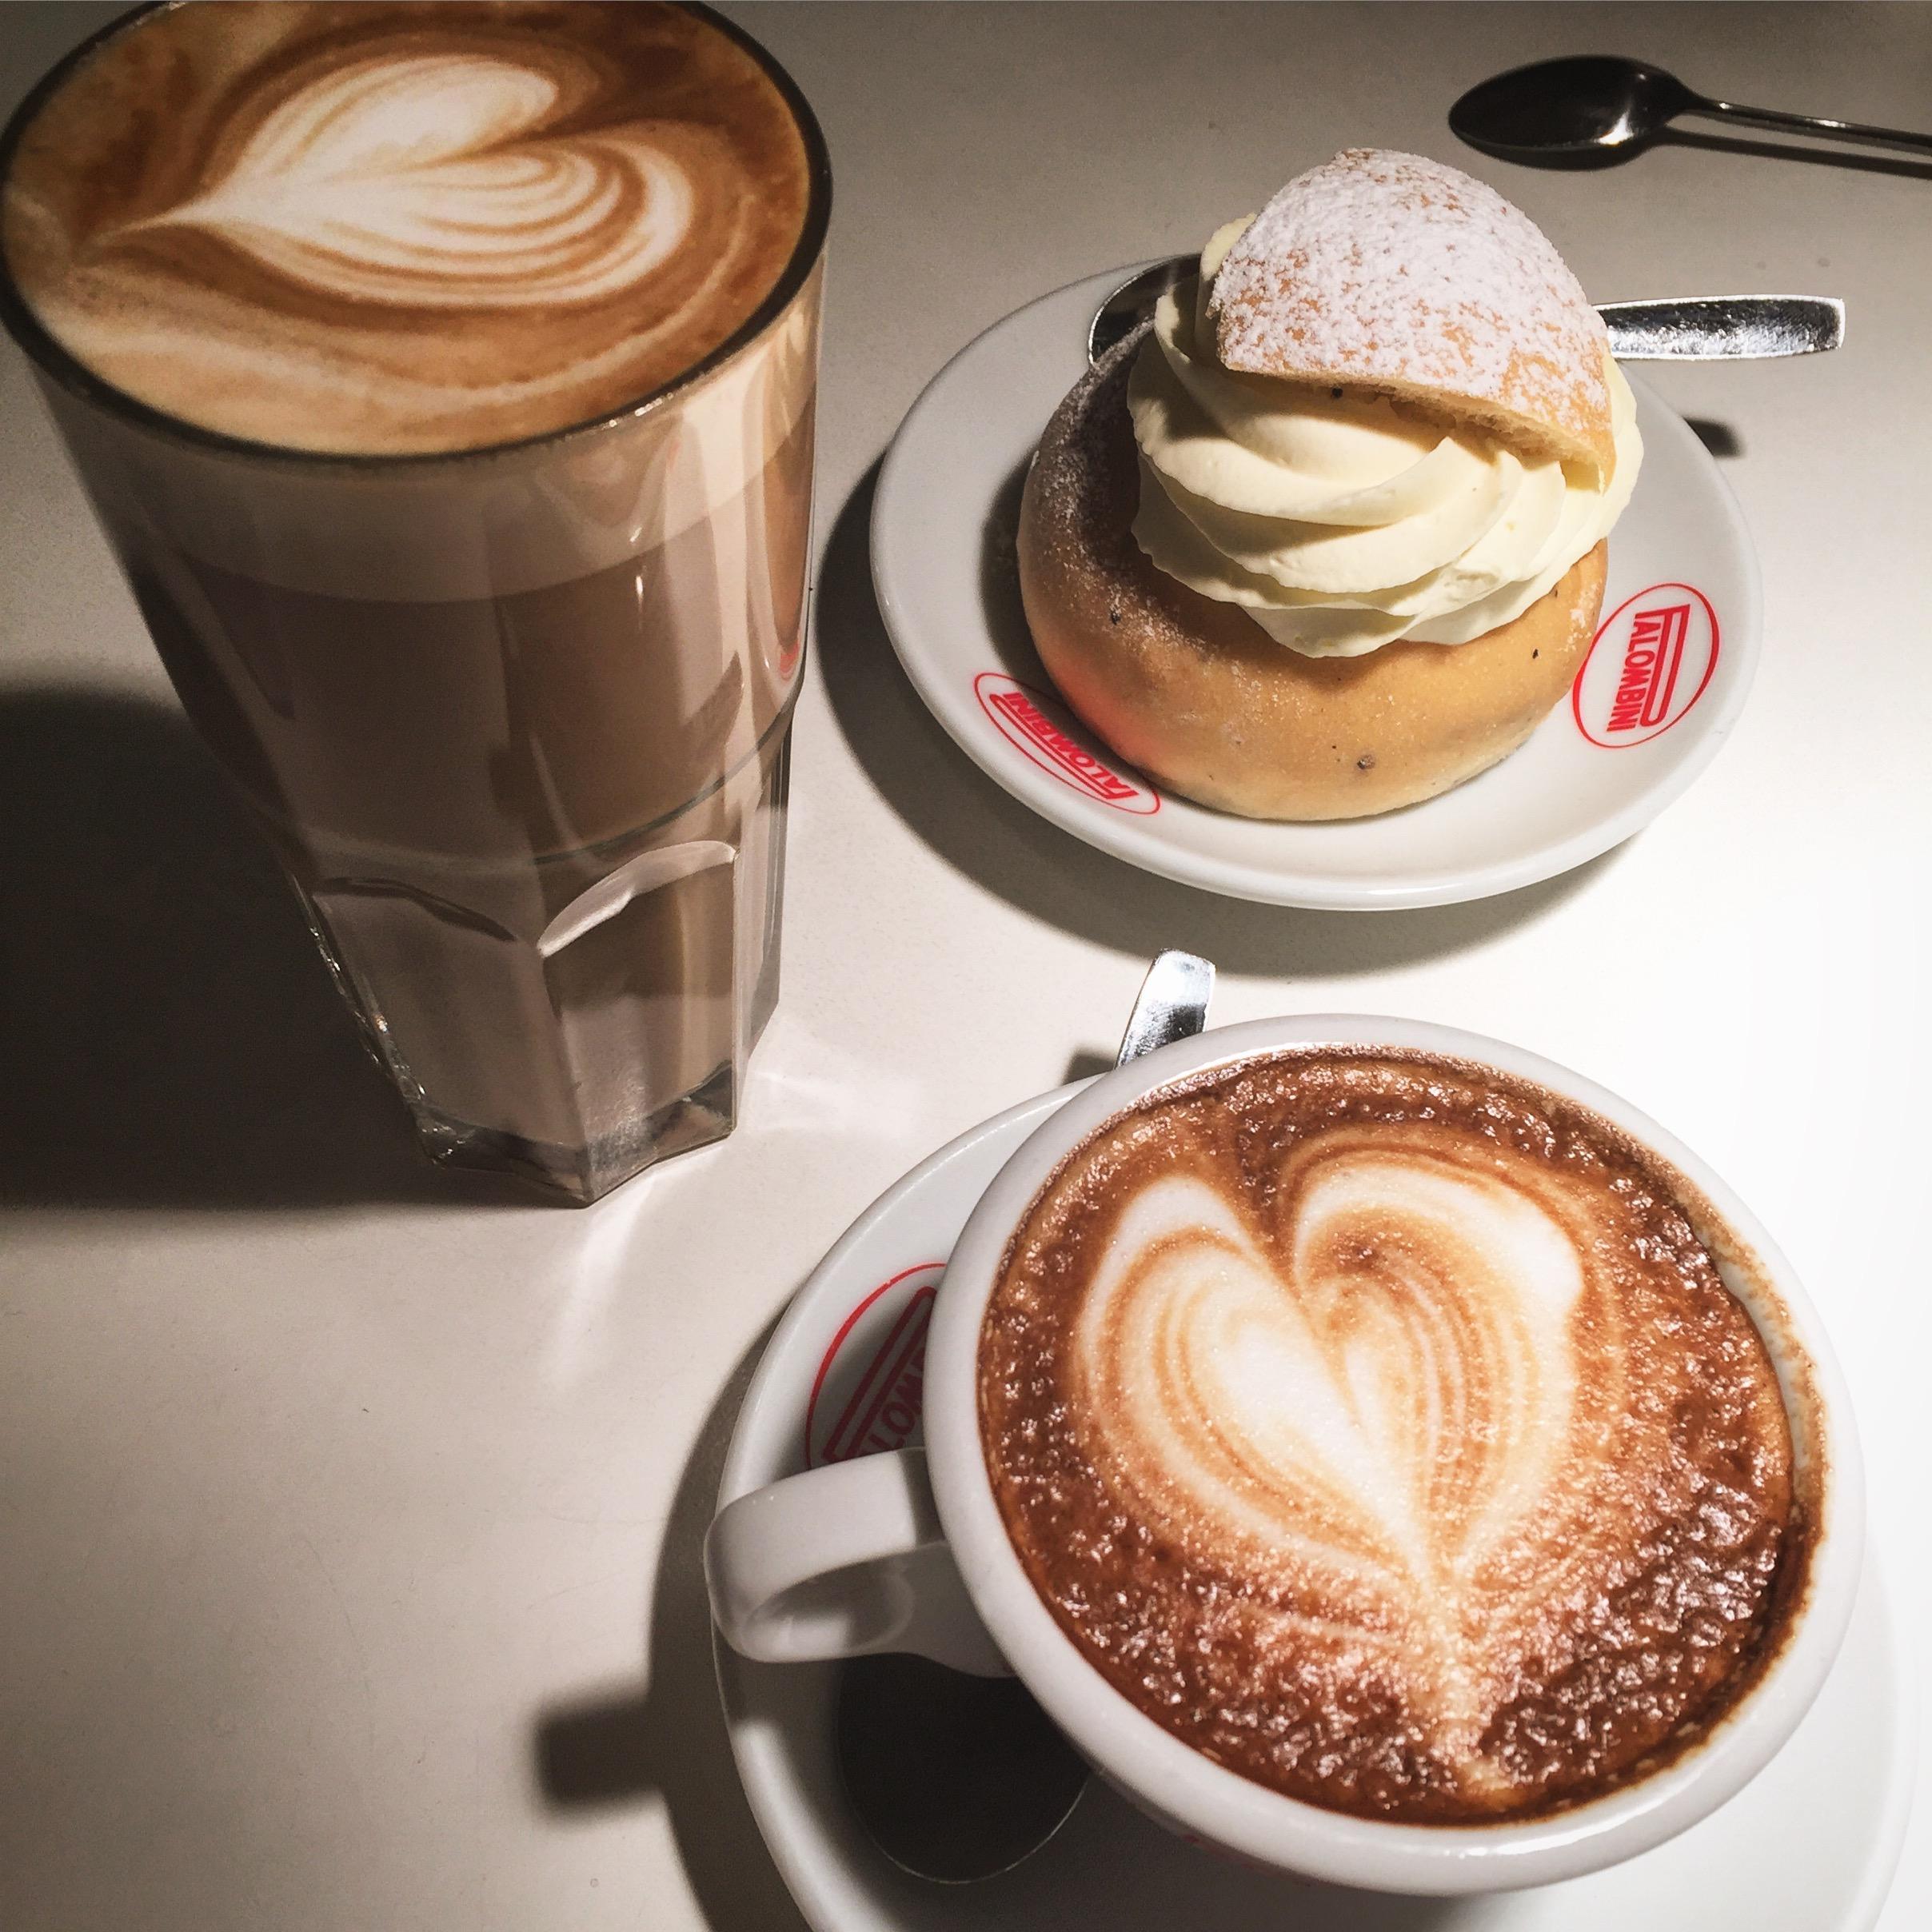 il caffe stockholm, kaffe kuchen, il caffe, coffee stockholm, bakery cake stockholm, stockholm food, swedish food,